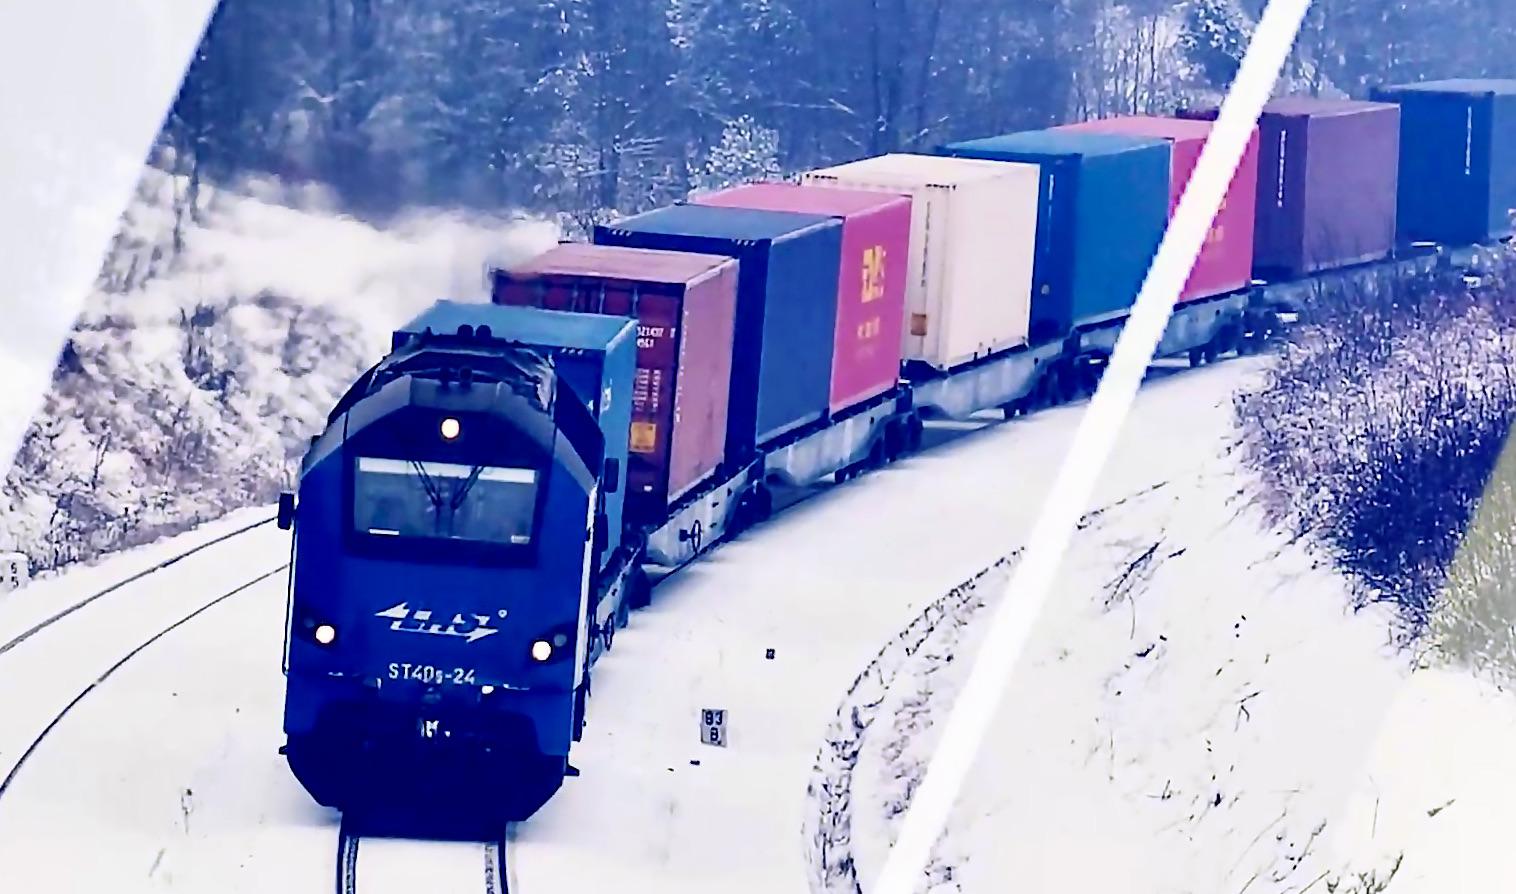 zdjecie pkp lhs pociag intermodalny 2 LHS uruchomiła kolejne połączenie z Chongqing